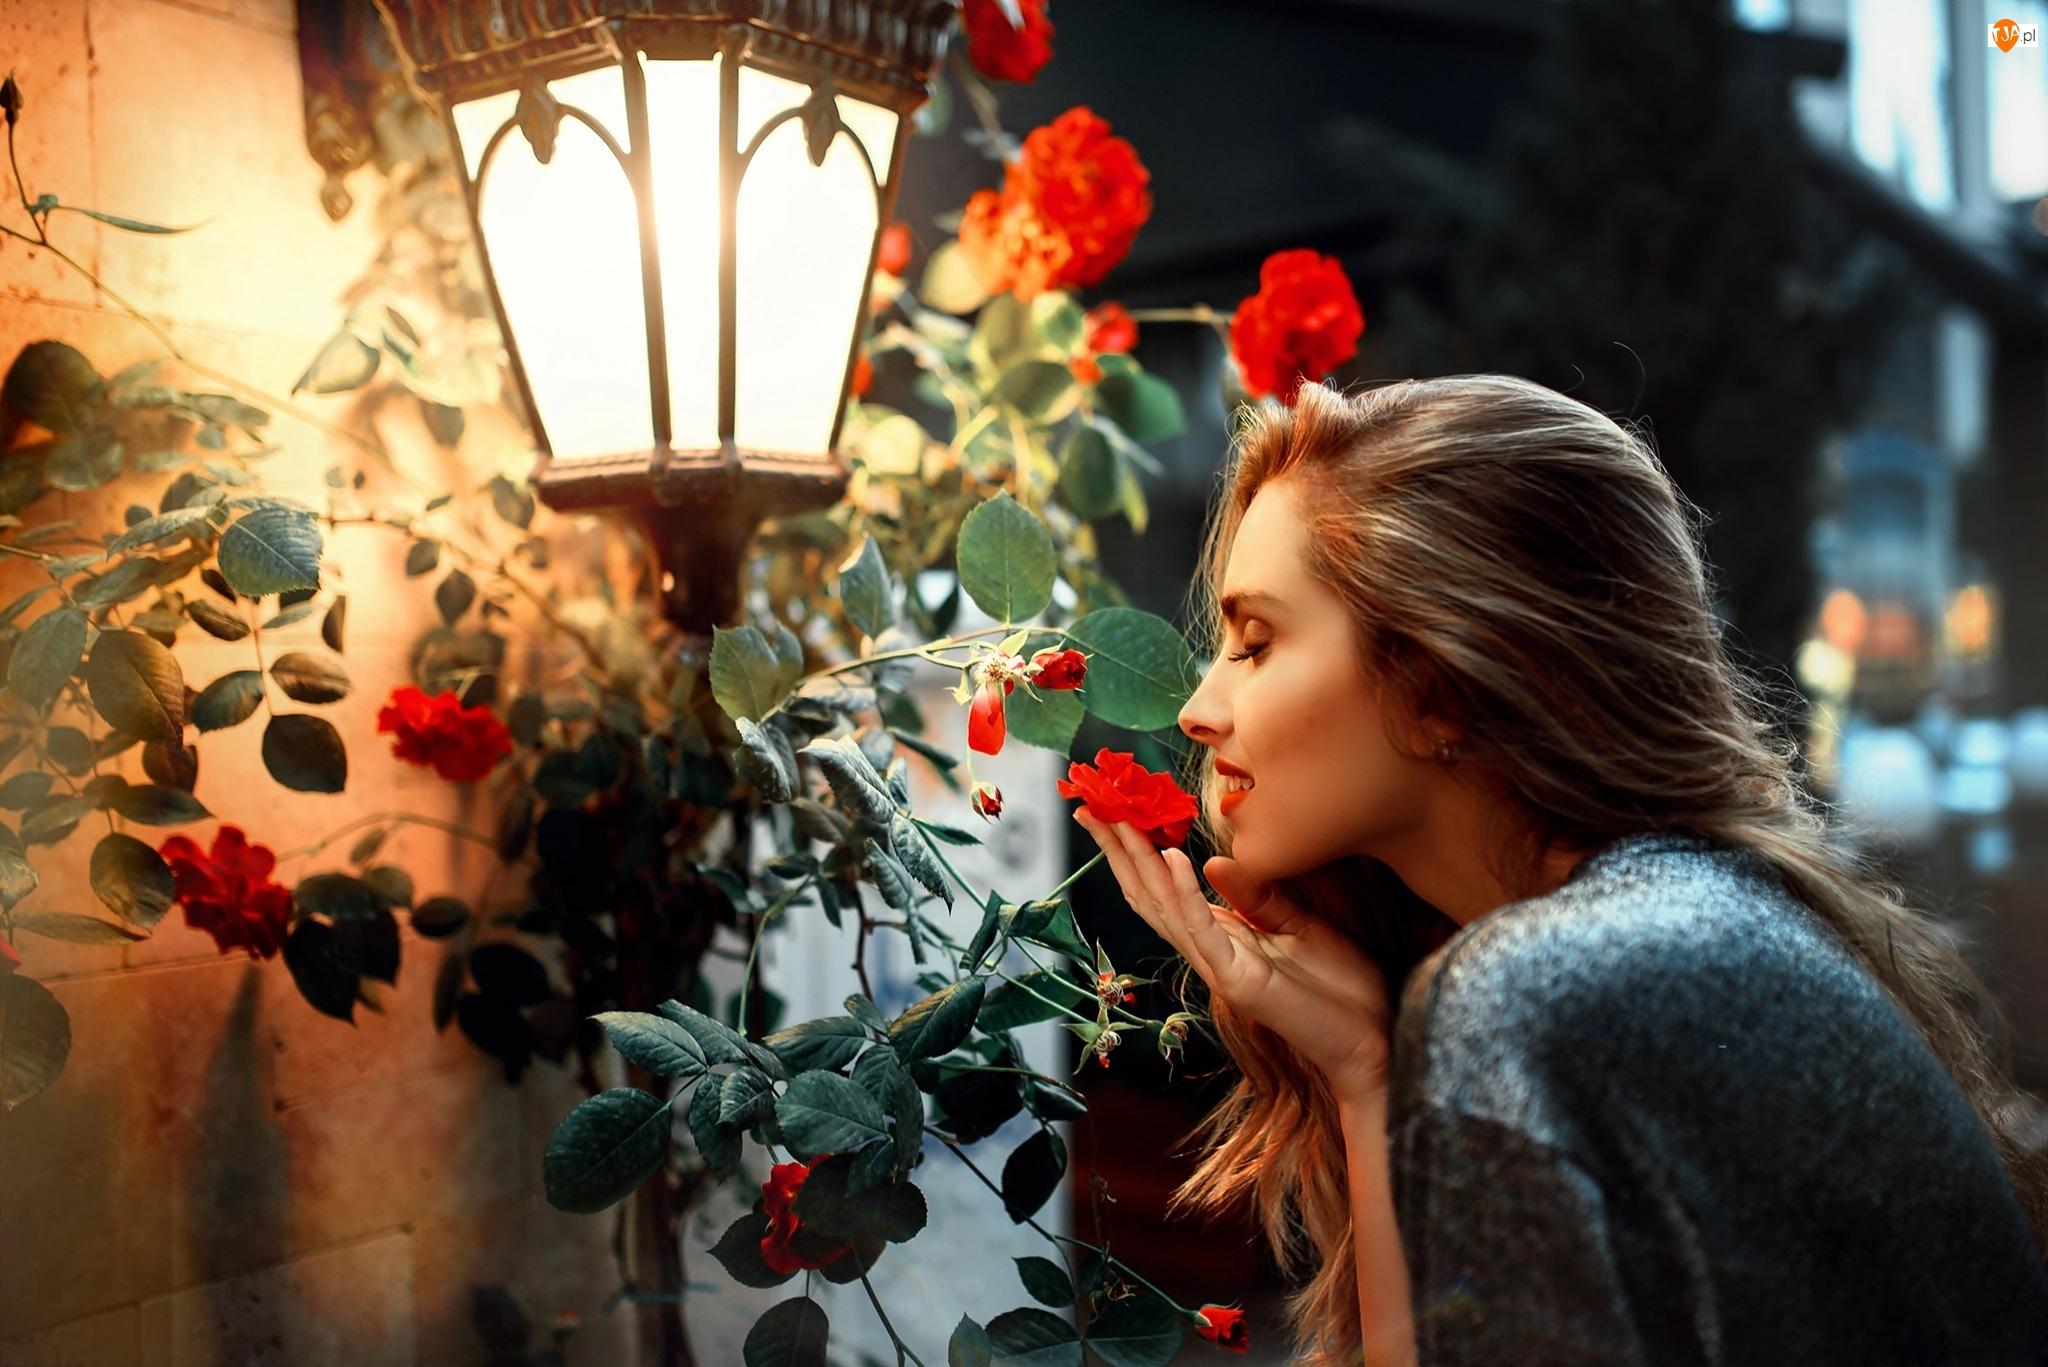 Róże, Kobieta, Latarnia uliczna, Kwiaty, Kwiaty